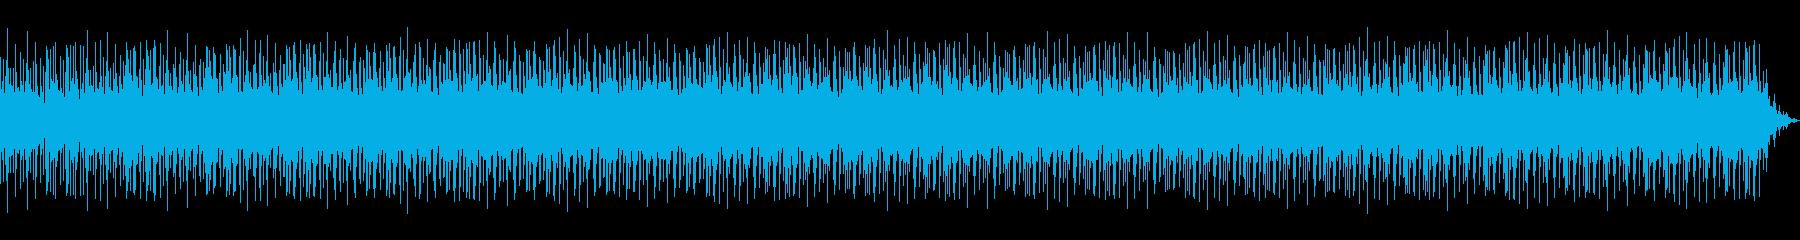 ホラーゲーム向け ゲーム内音楽 シリアスの再生済みの波形